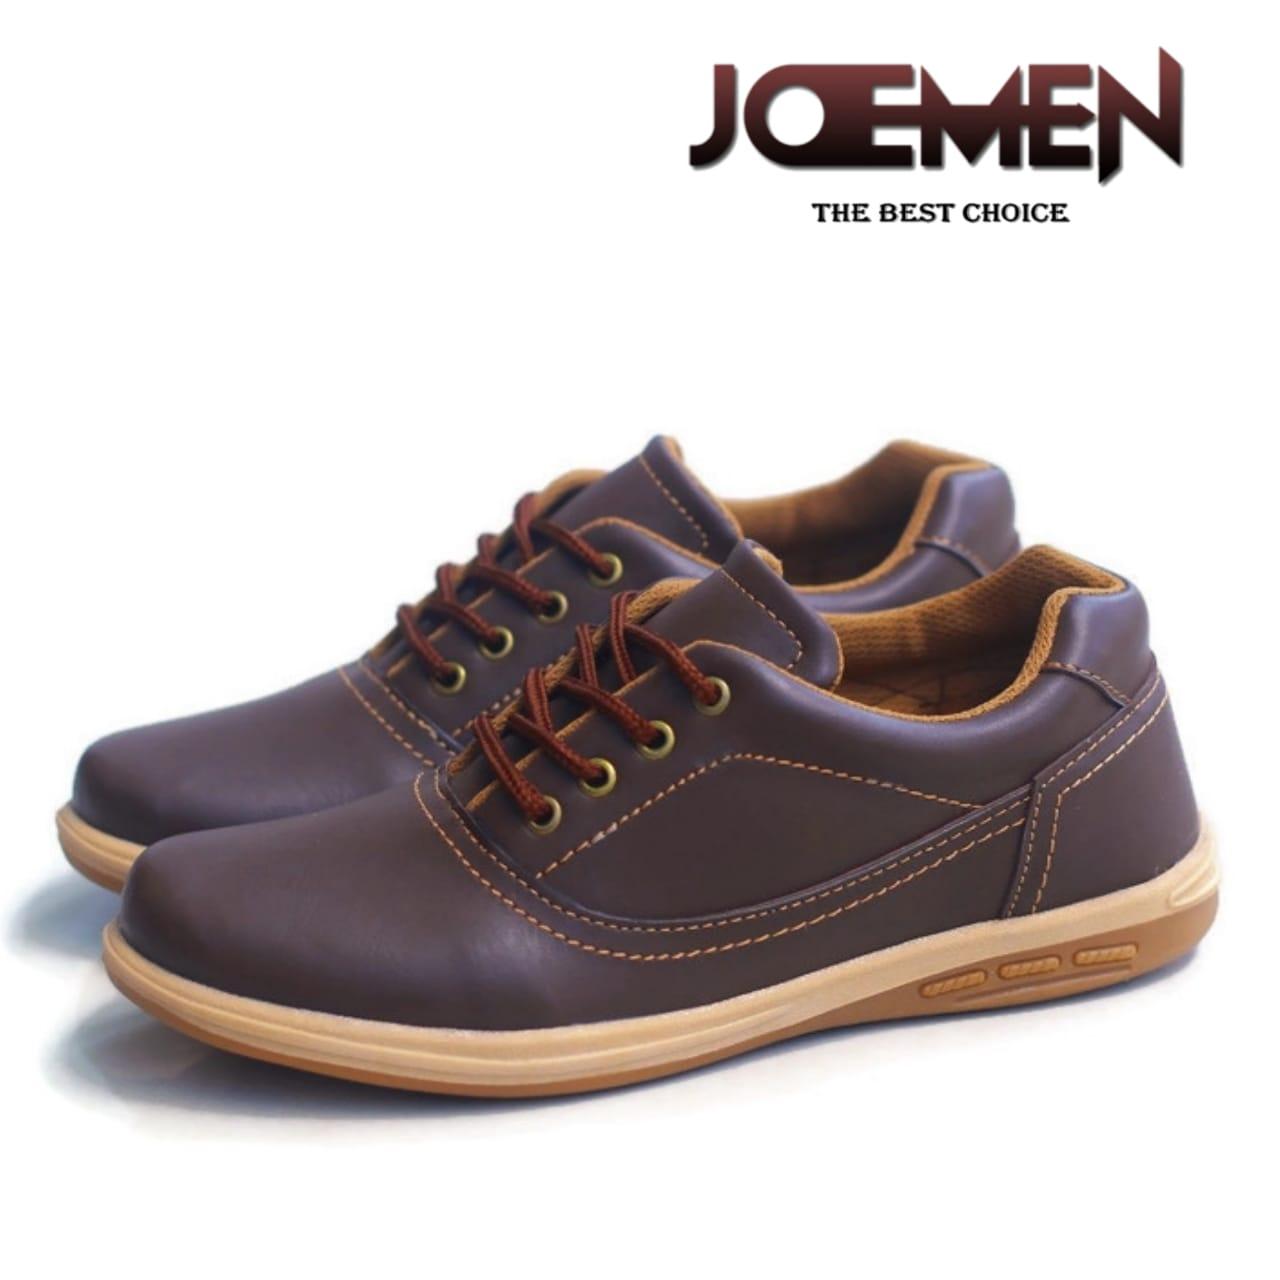 Sepatu KASUAL JOEMEN J 53 sepatu pria casual kulit asli sepatu pria casual sepatu sneakers pria sepatu wanita sepatu pria sport sepatu cowok dewasa keren model terbaru sepatu kulit sepatu wanita import sepatu pantofel pria sepatu laki laki dewasa import